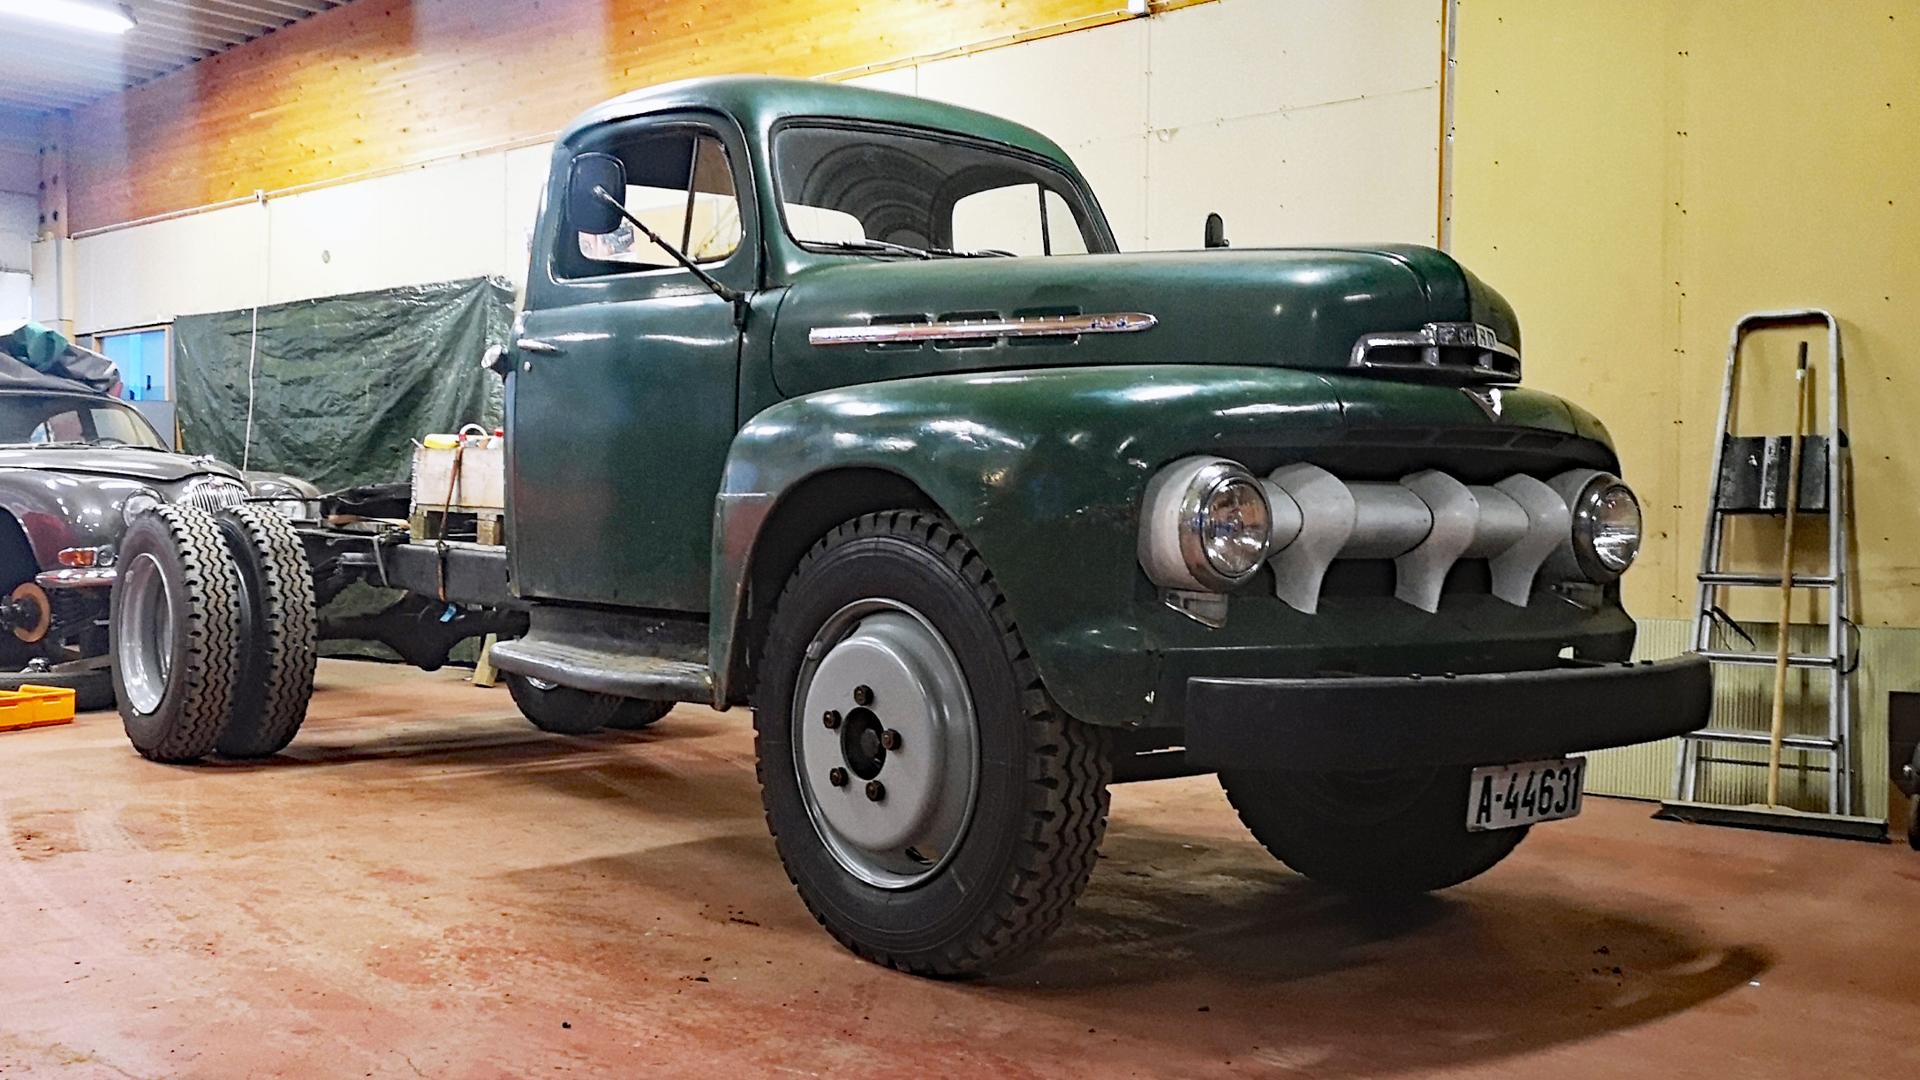 397-1951 Ford F5 V8 01. Eier- medlem 397 Tore Rønn